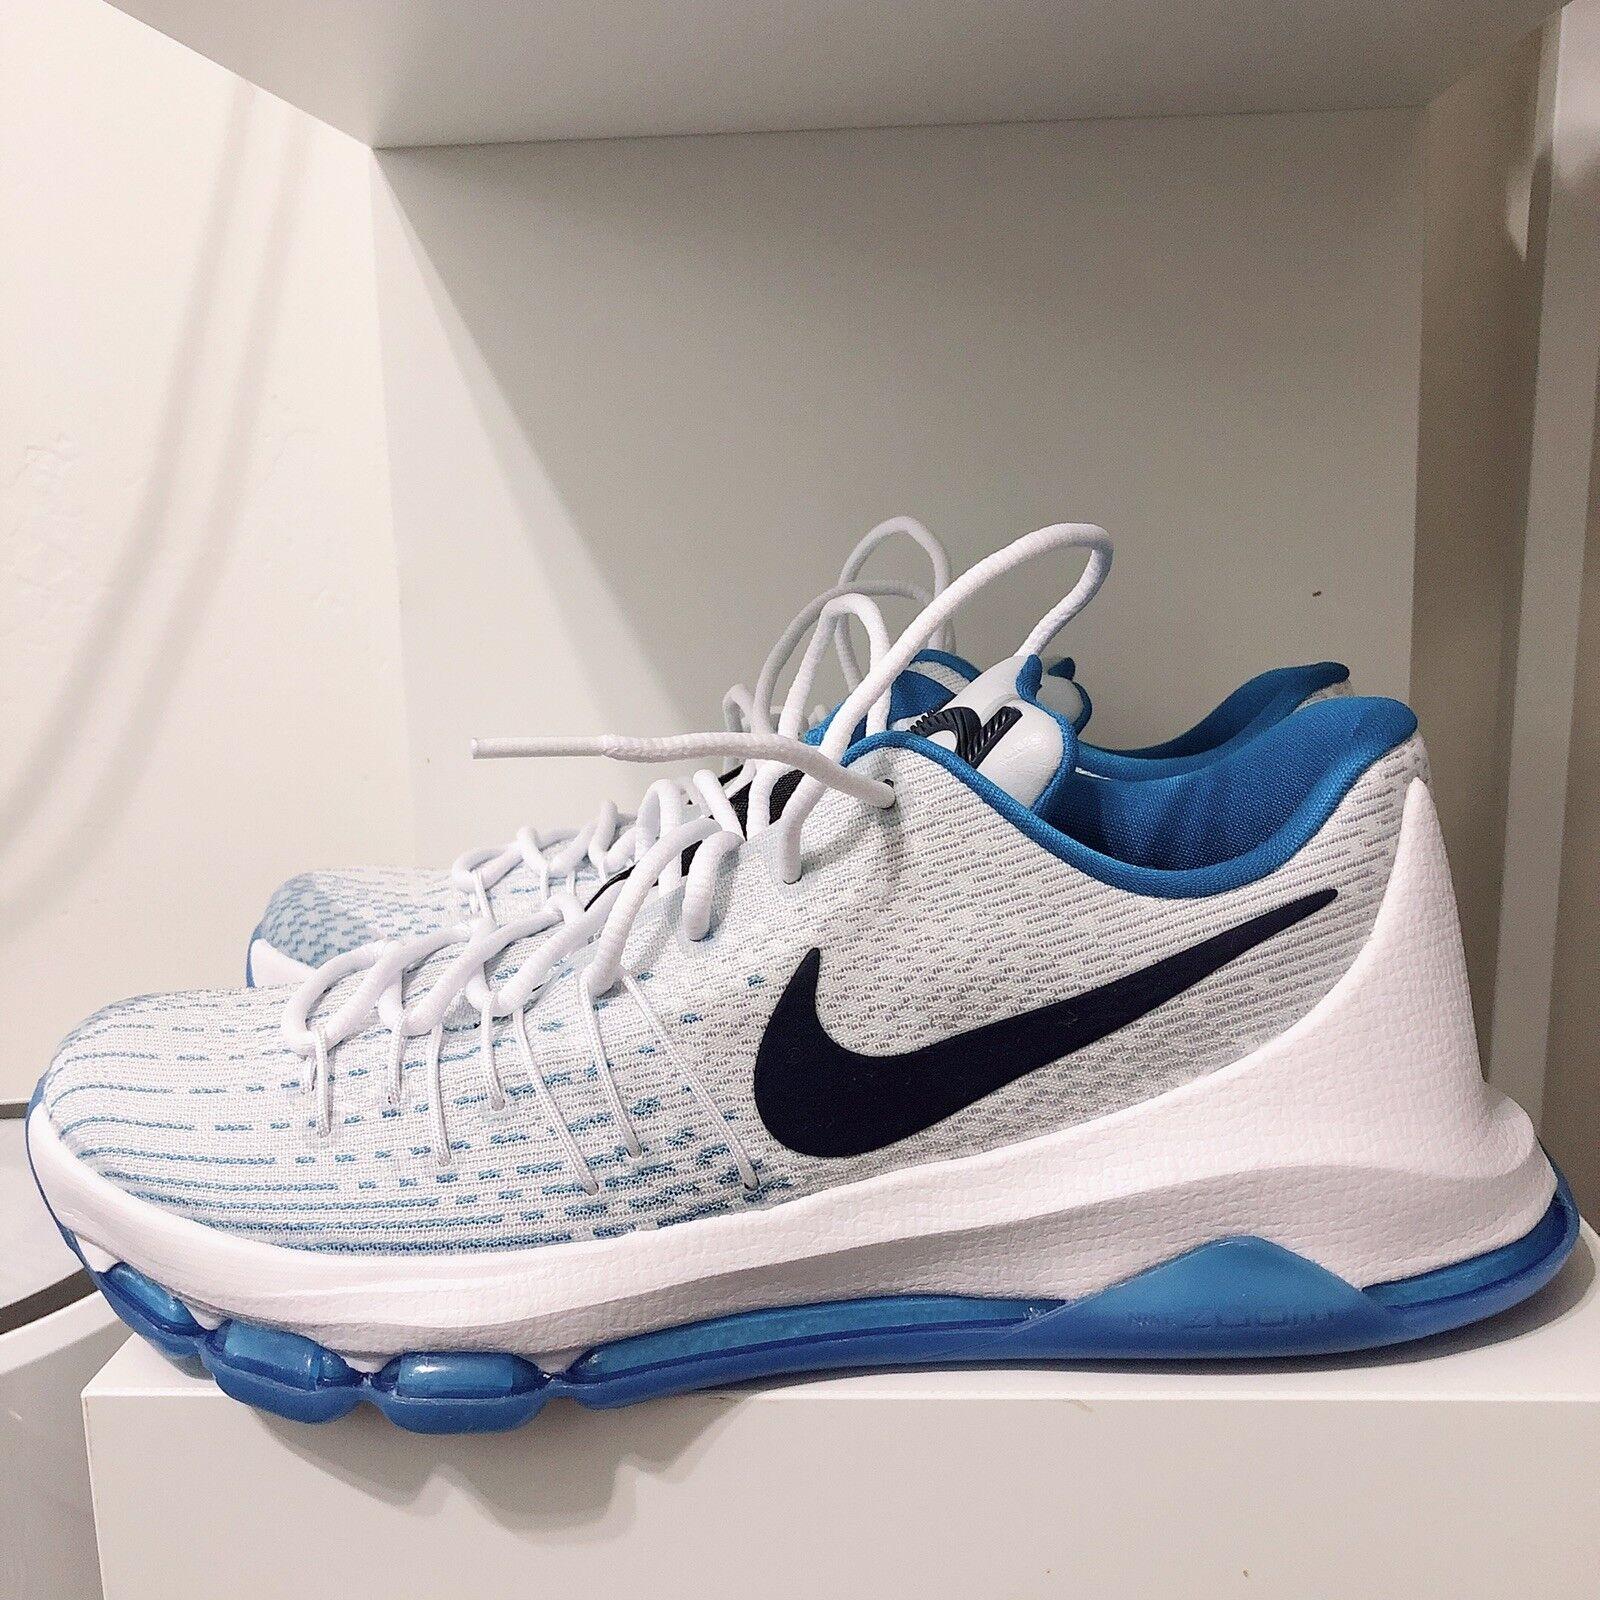 Nike Air Max Kevin Durant 8 Sz 10 White bluee